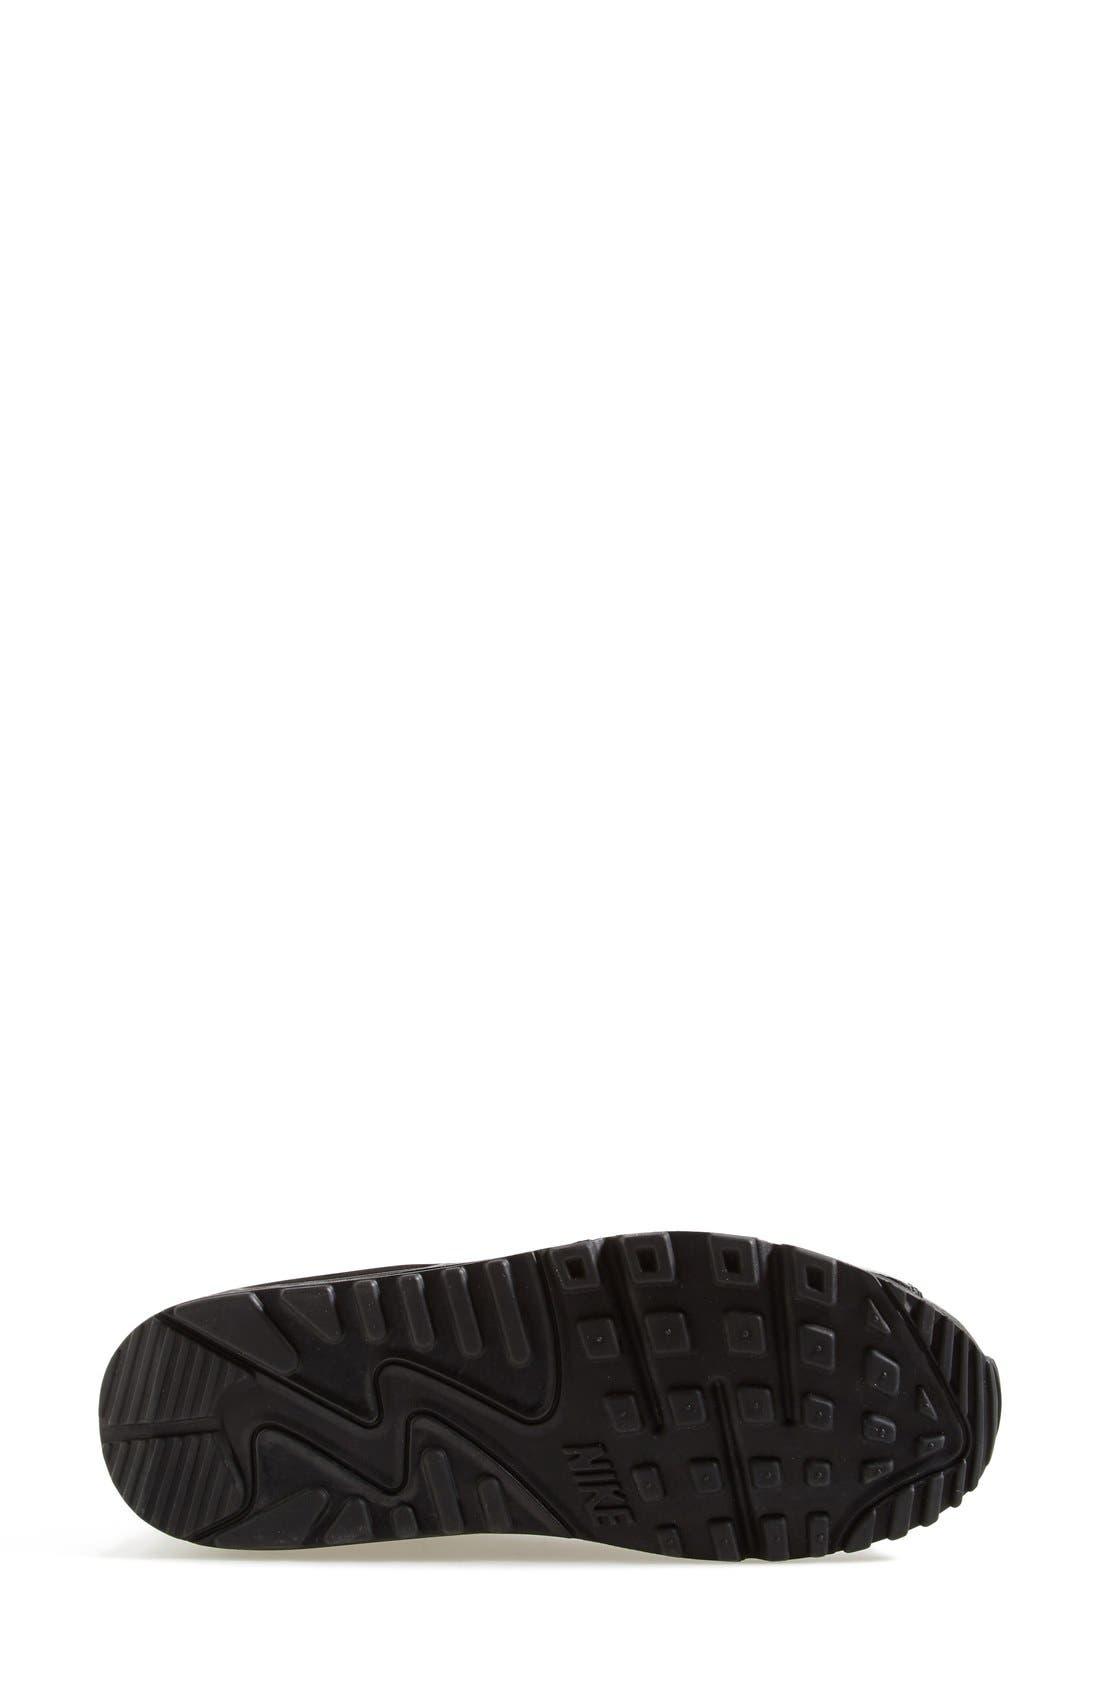 'Air Max 90 - Premium' Sneaker,                             Alternate thumbnail 2, color,                             002